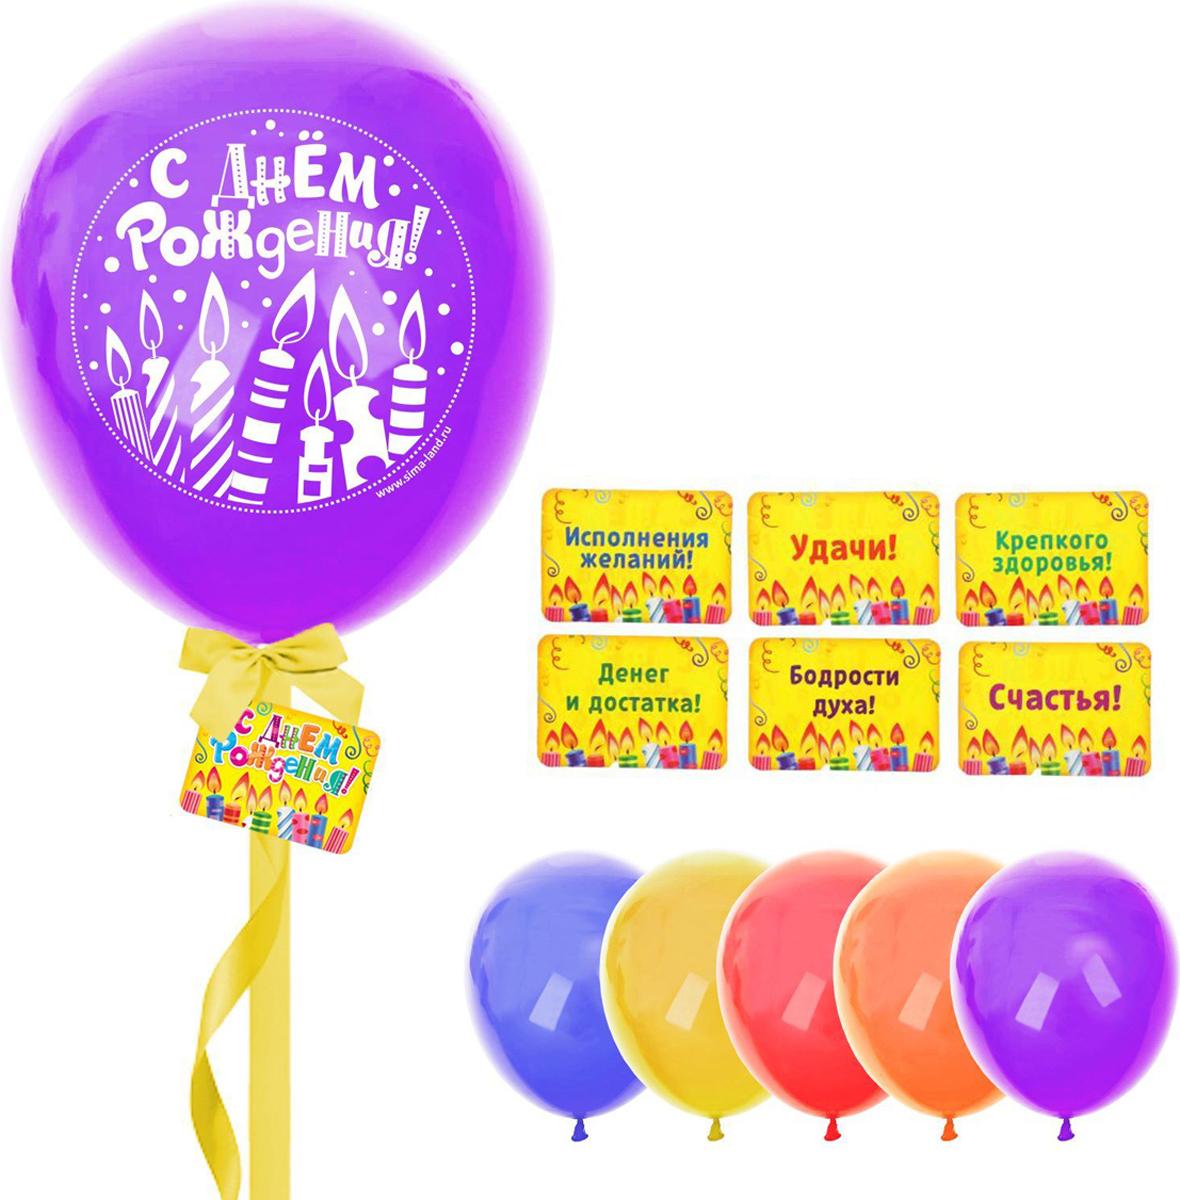 Страна Карнавалия Шары воздушные с пожеланиями 10 дюймов С Днем Рождения! Свечки набор 8 шт 1393724